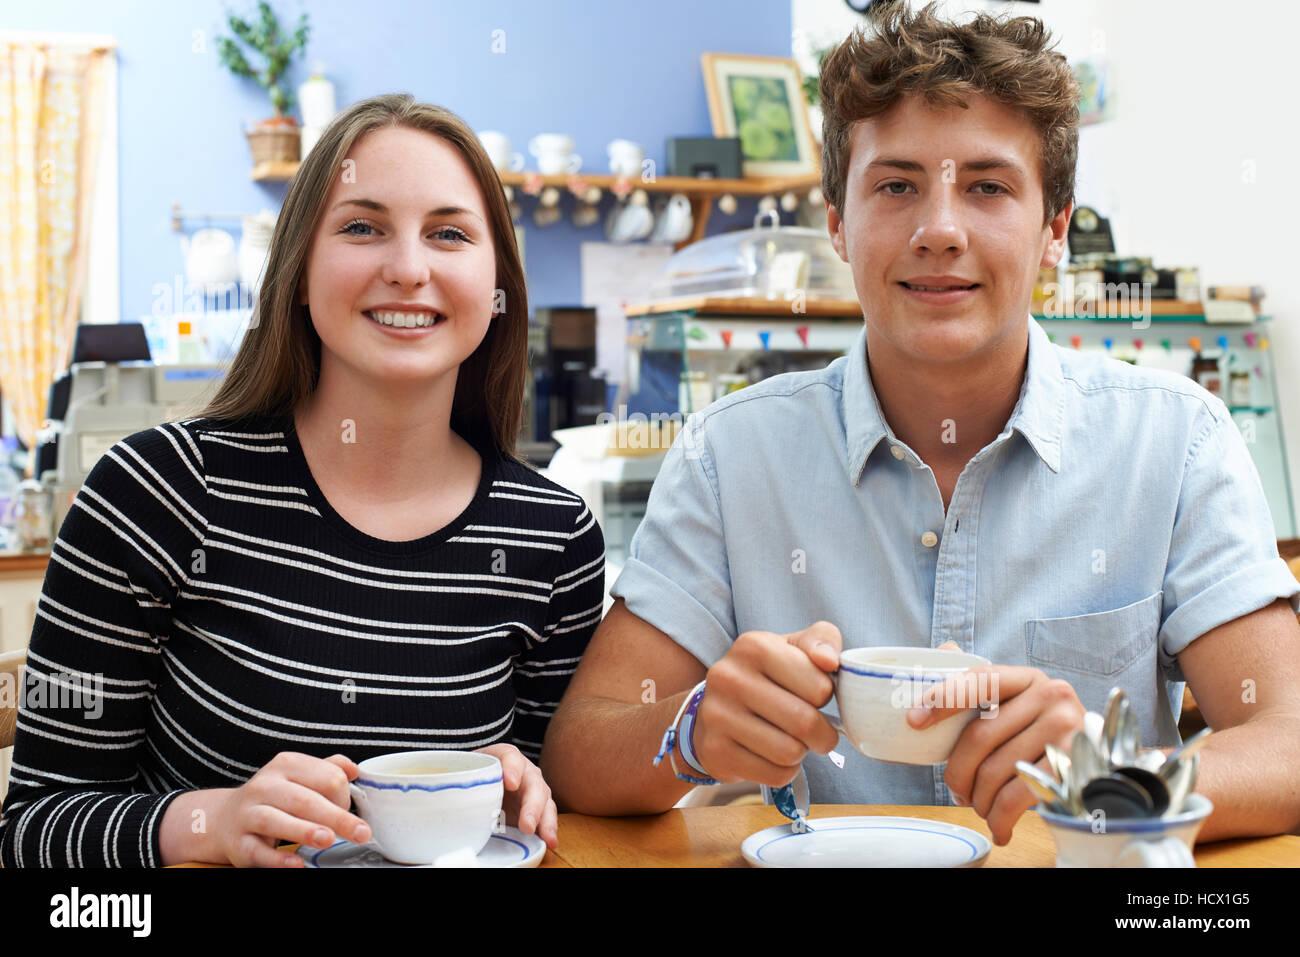 Gruppo del Ritratto di giovane adolescente incontro in Cafe Immagini Stock